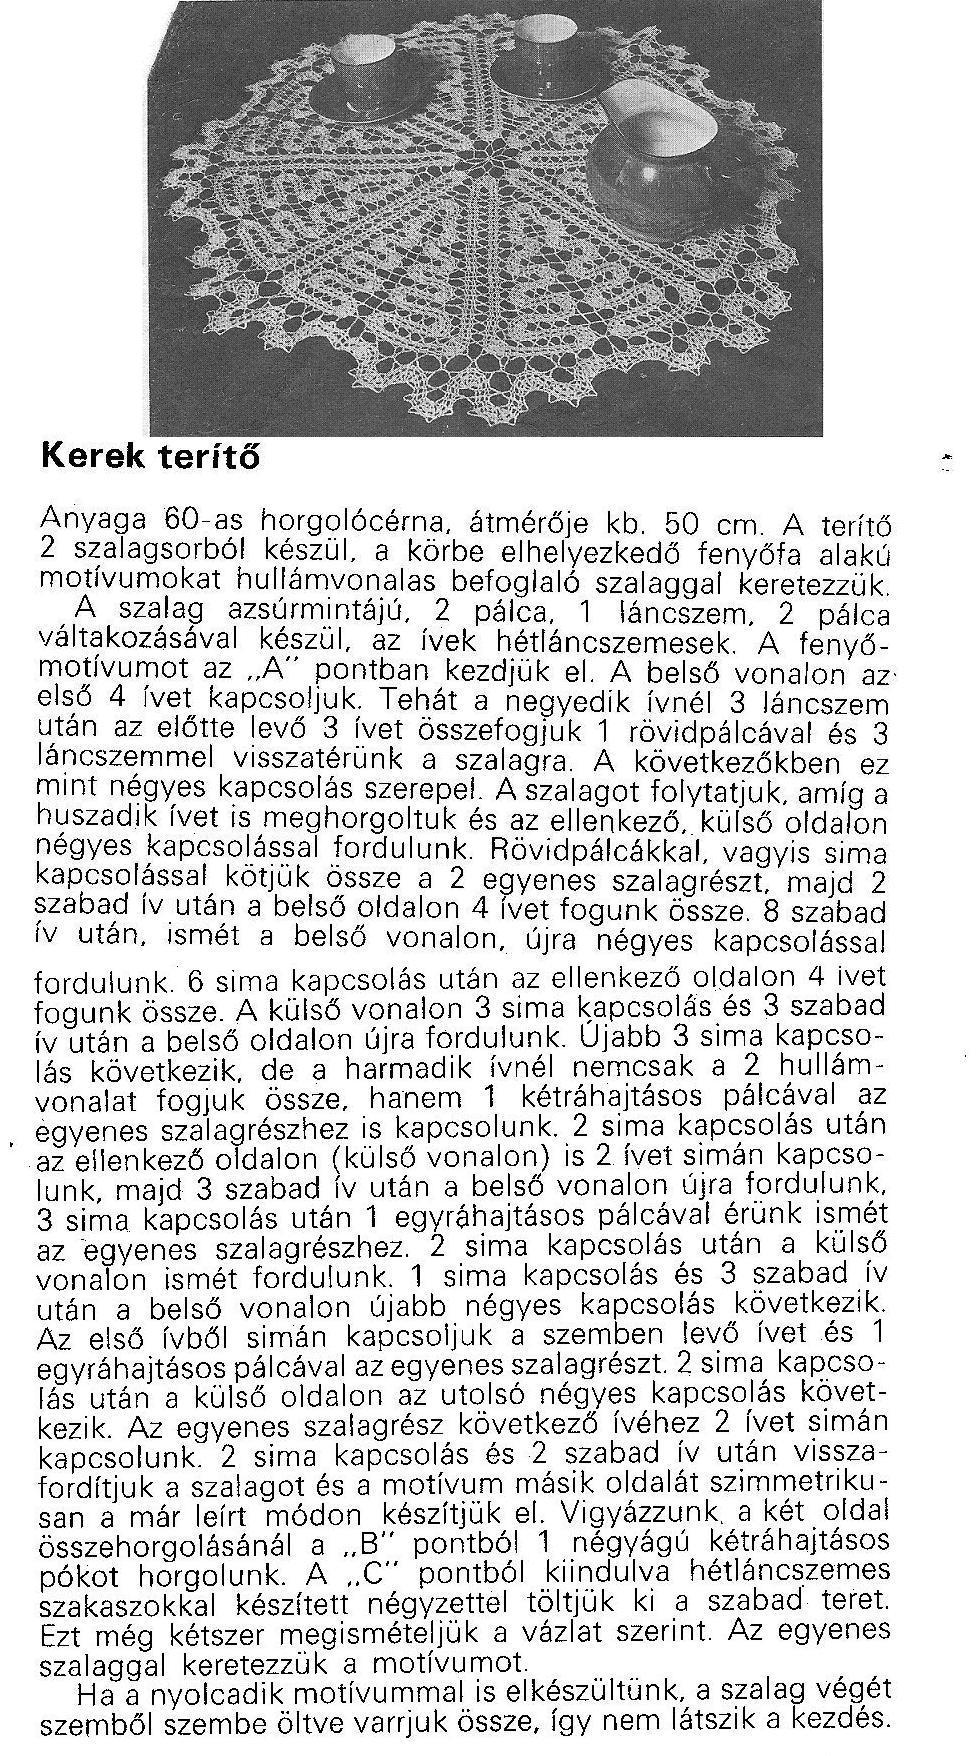 Magyar kőtės minta